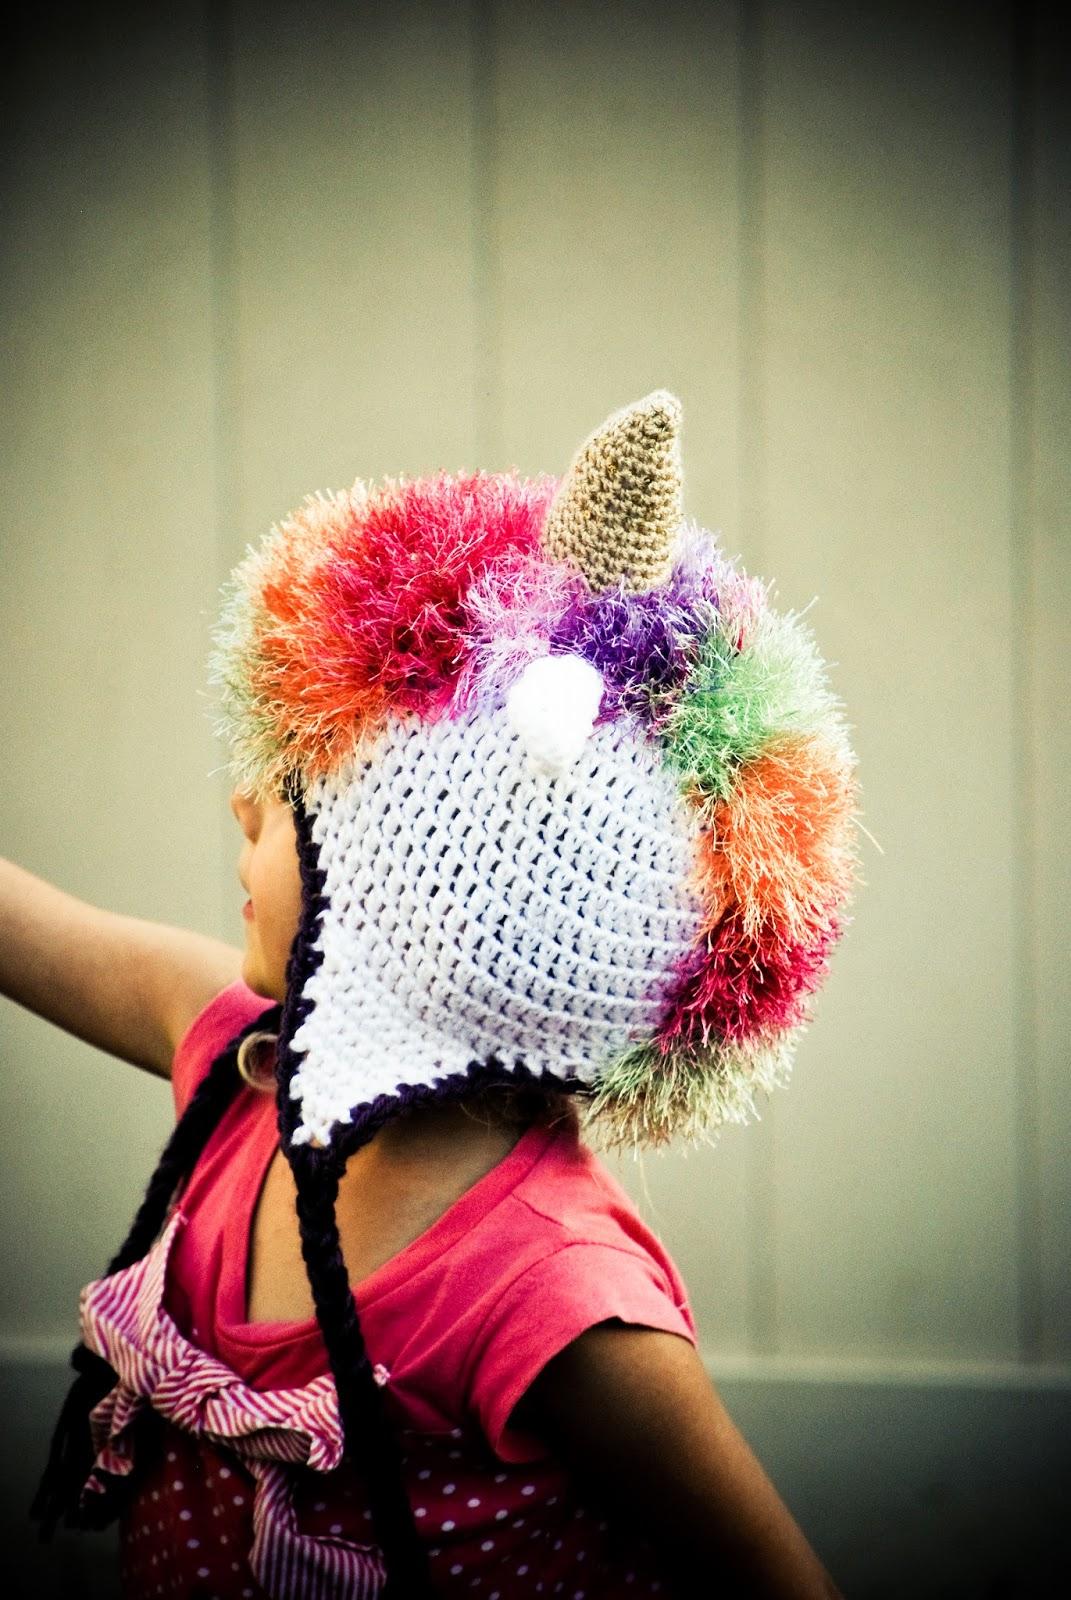 Crochet Unicorn Hat Pattern Free : Mayas Wonderland: Crochet unicorn hat - Free crochet pattern